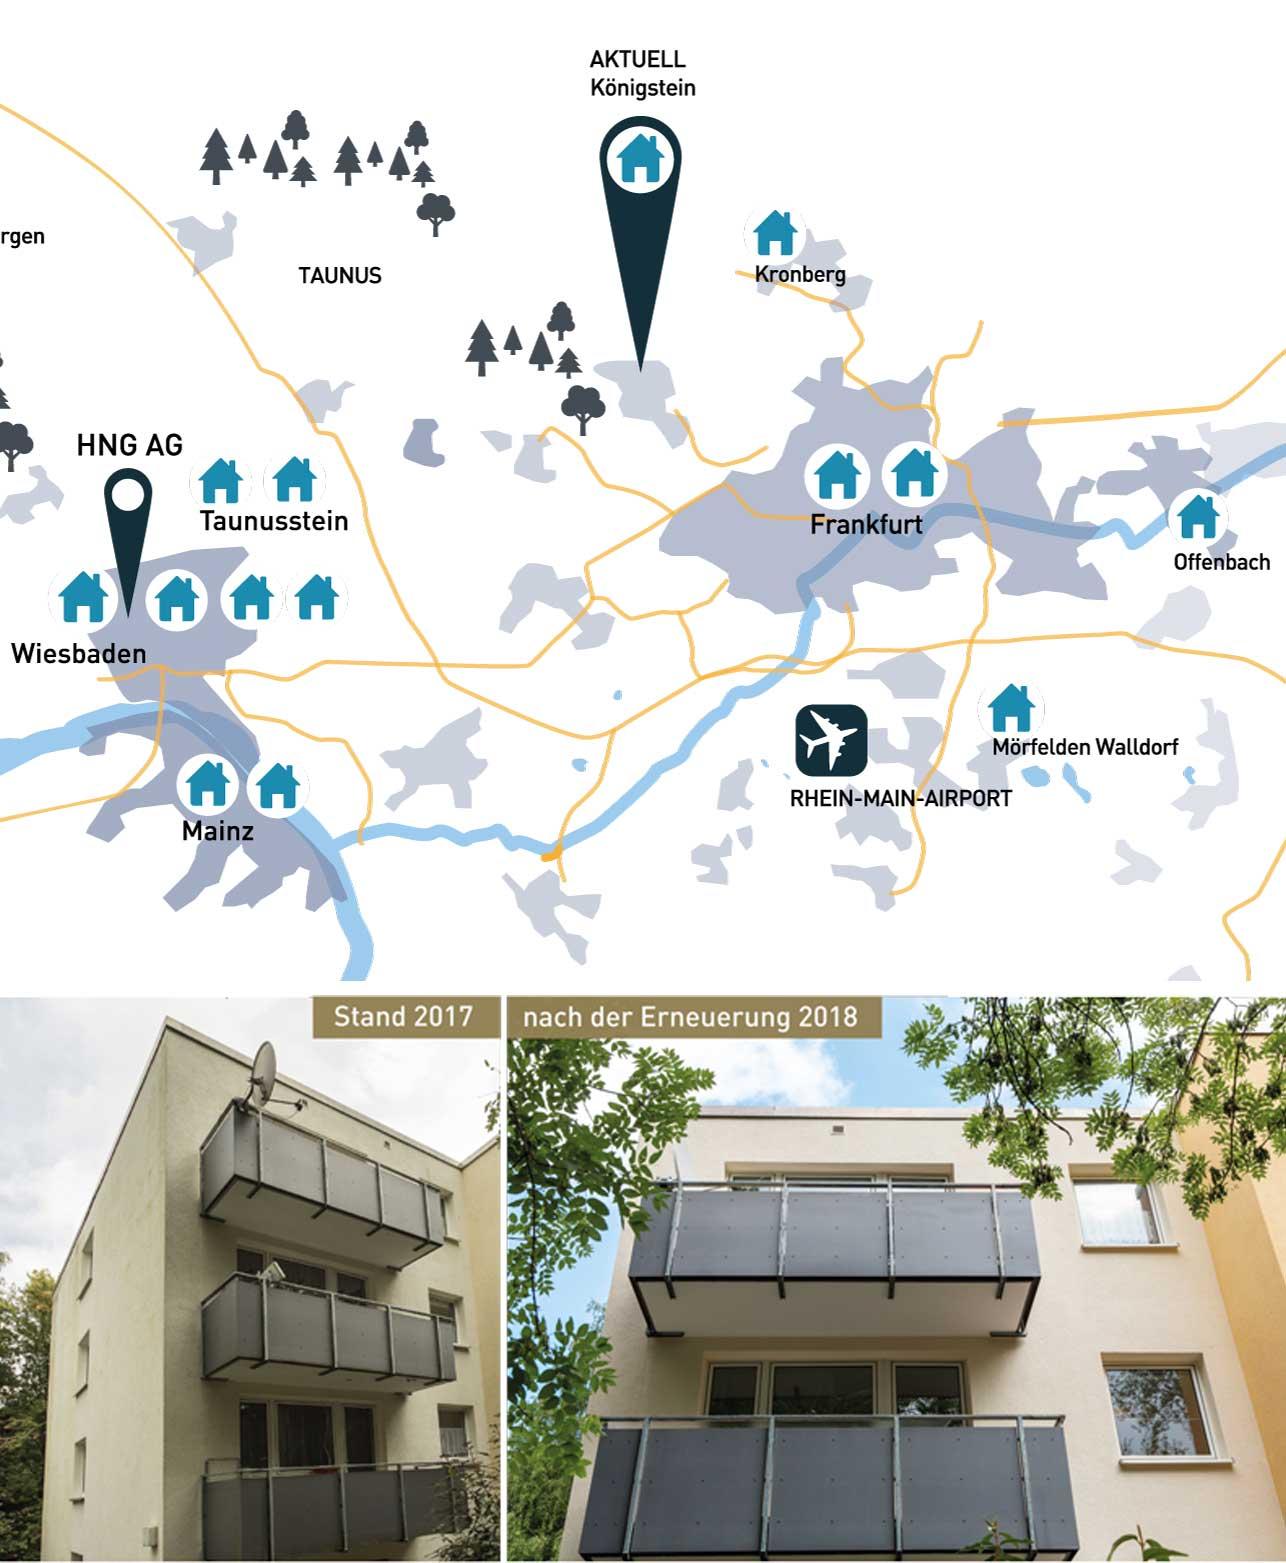 Wohnung kaufen in Königstein Karte